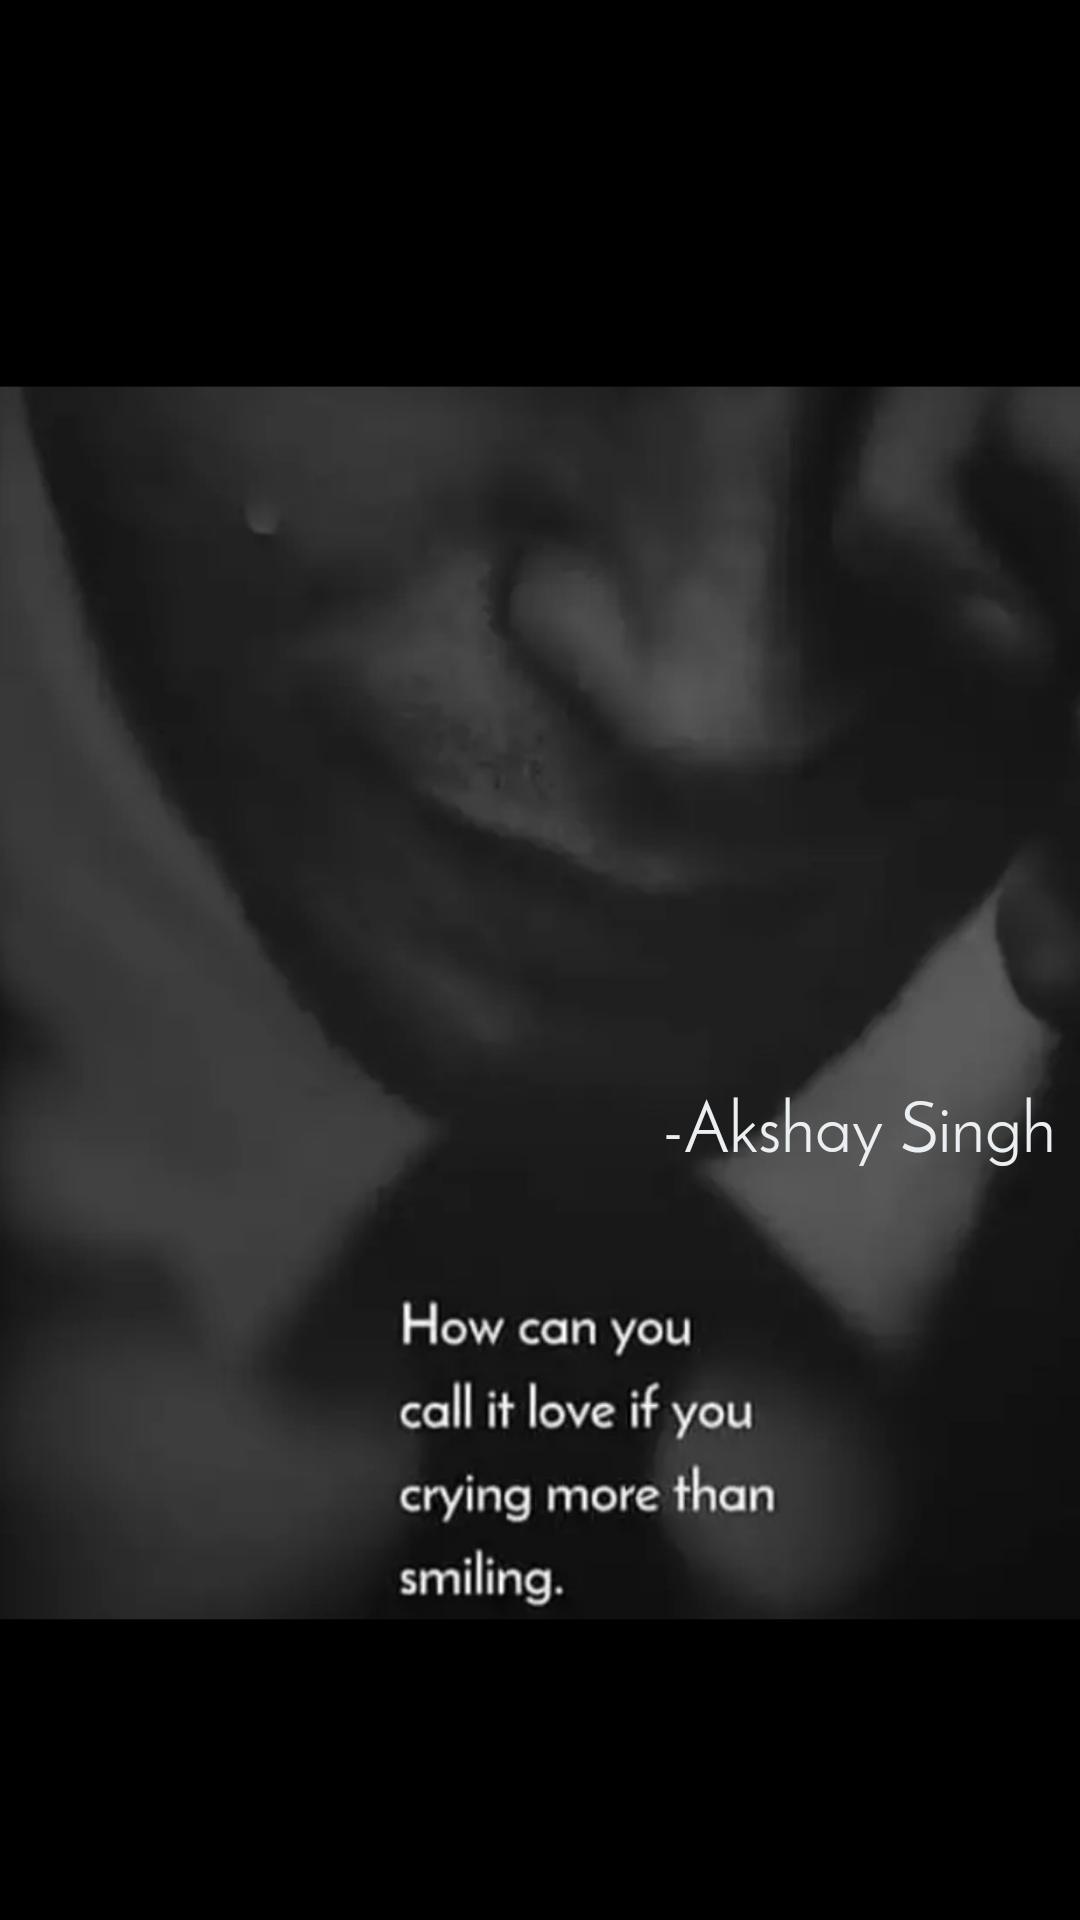 -Akshay Singh